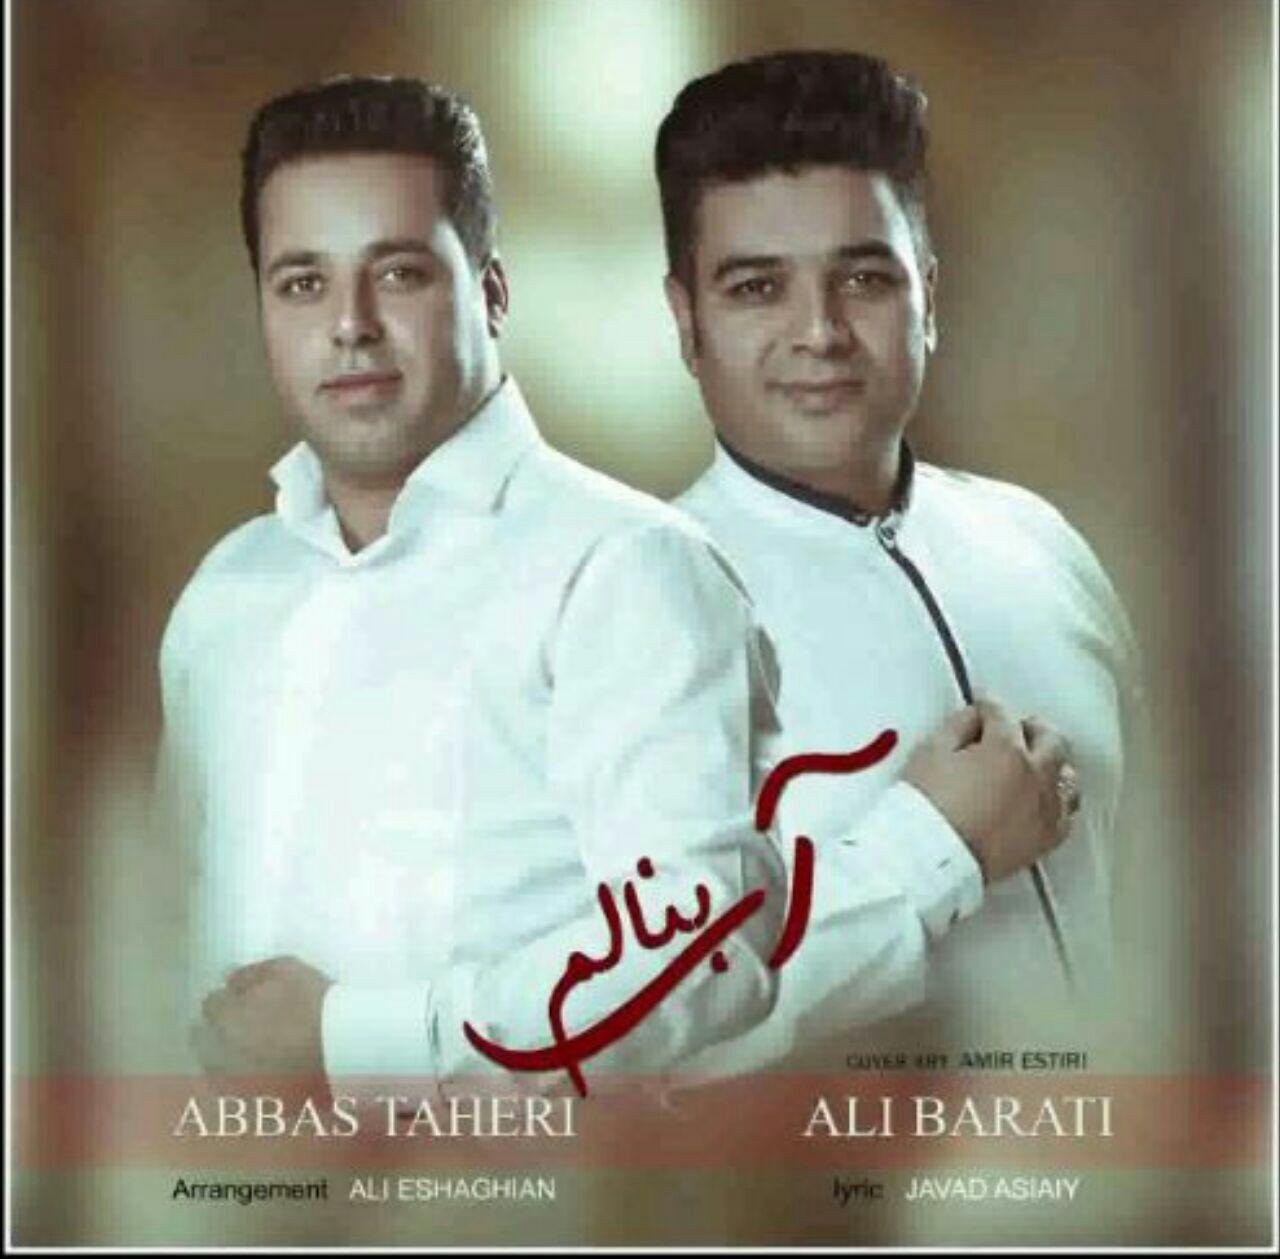 آهنگ ای بنالم از علی براتی و عباس طاهری